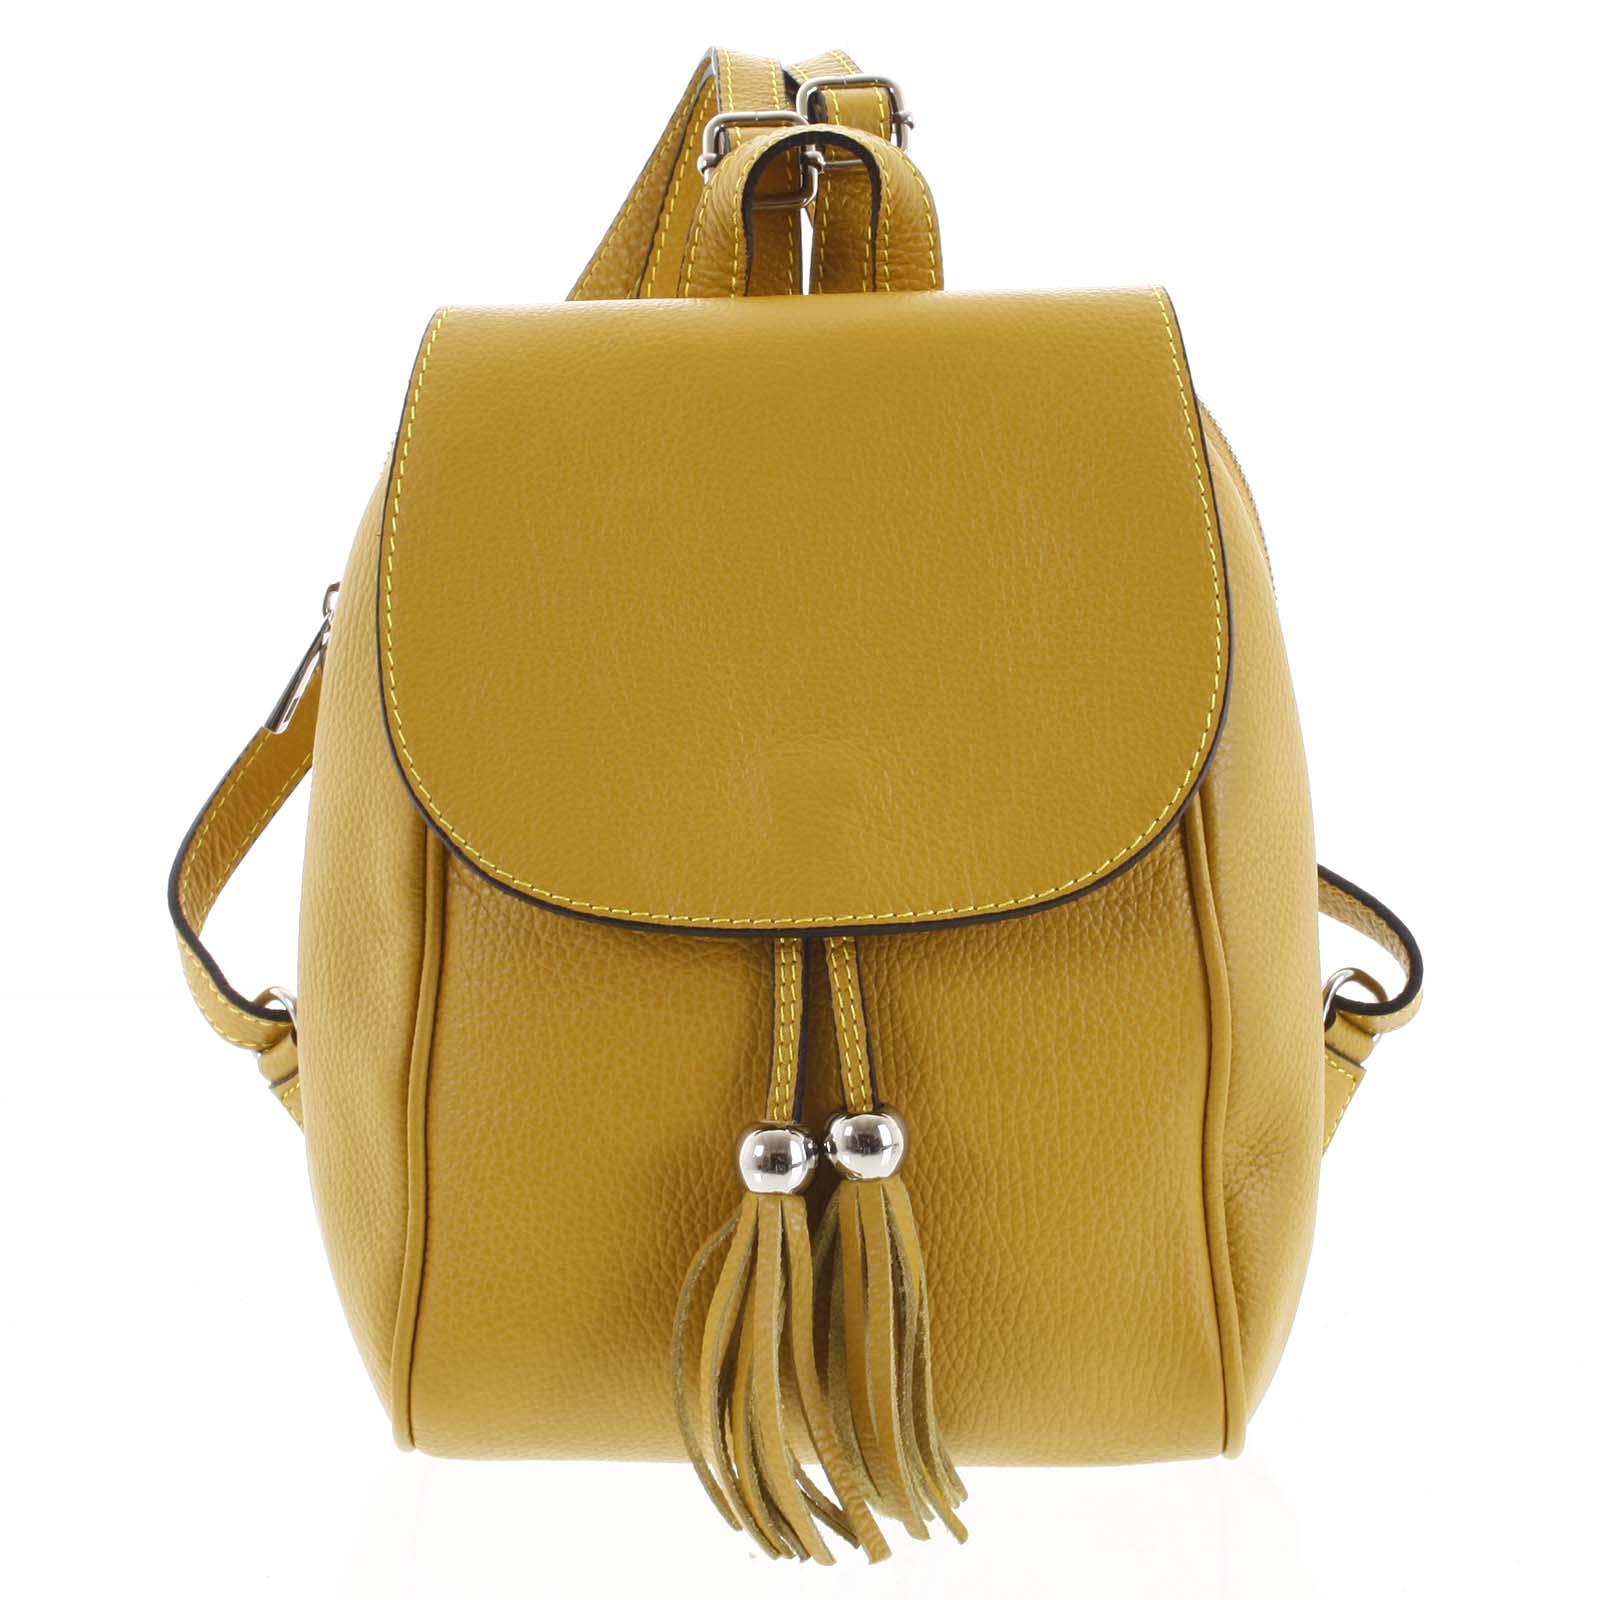 Dámsky kožený batôžtek žltý - ItalY Joseph